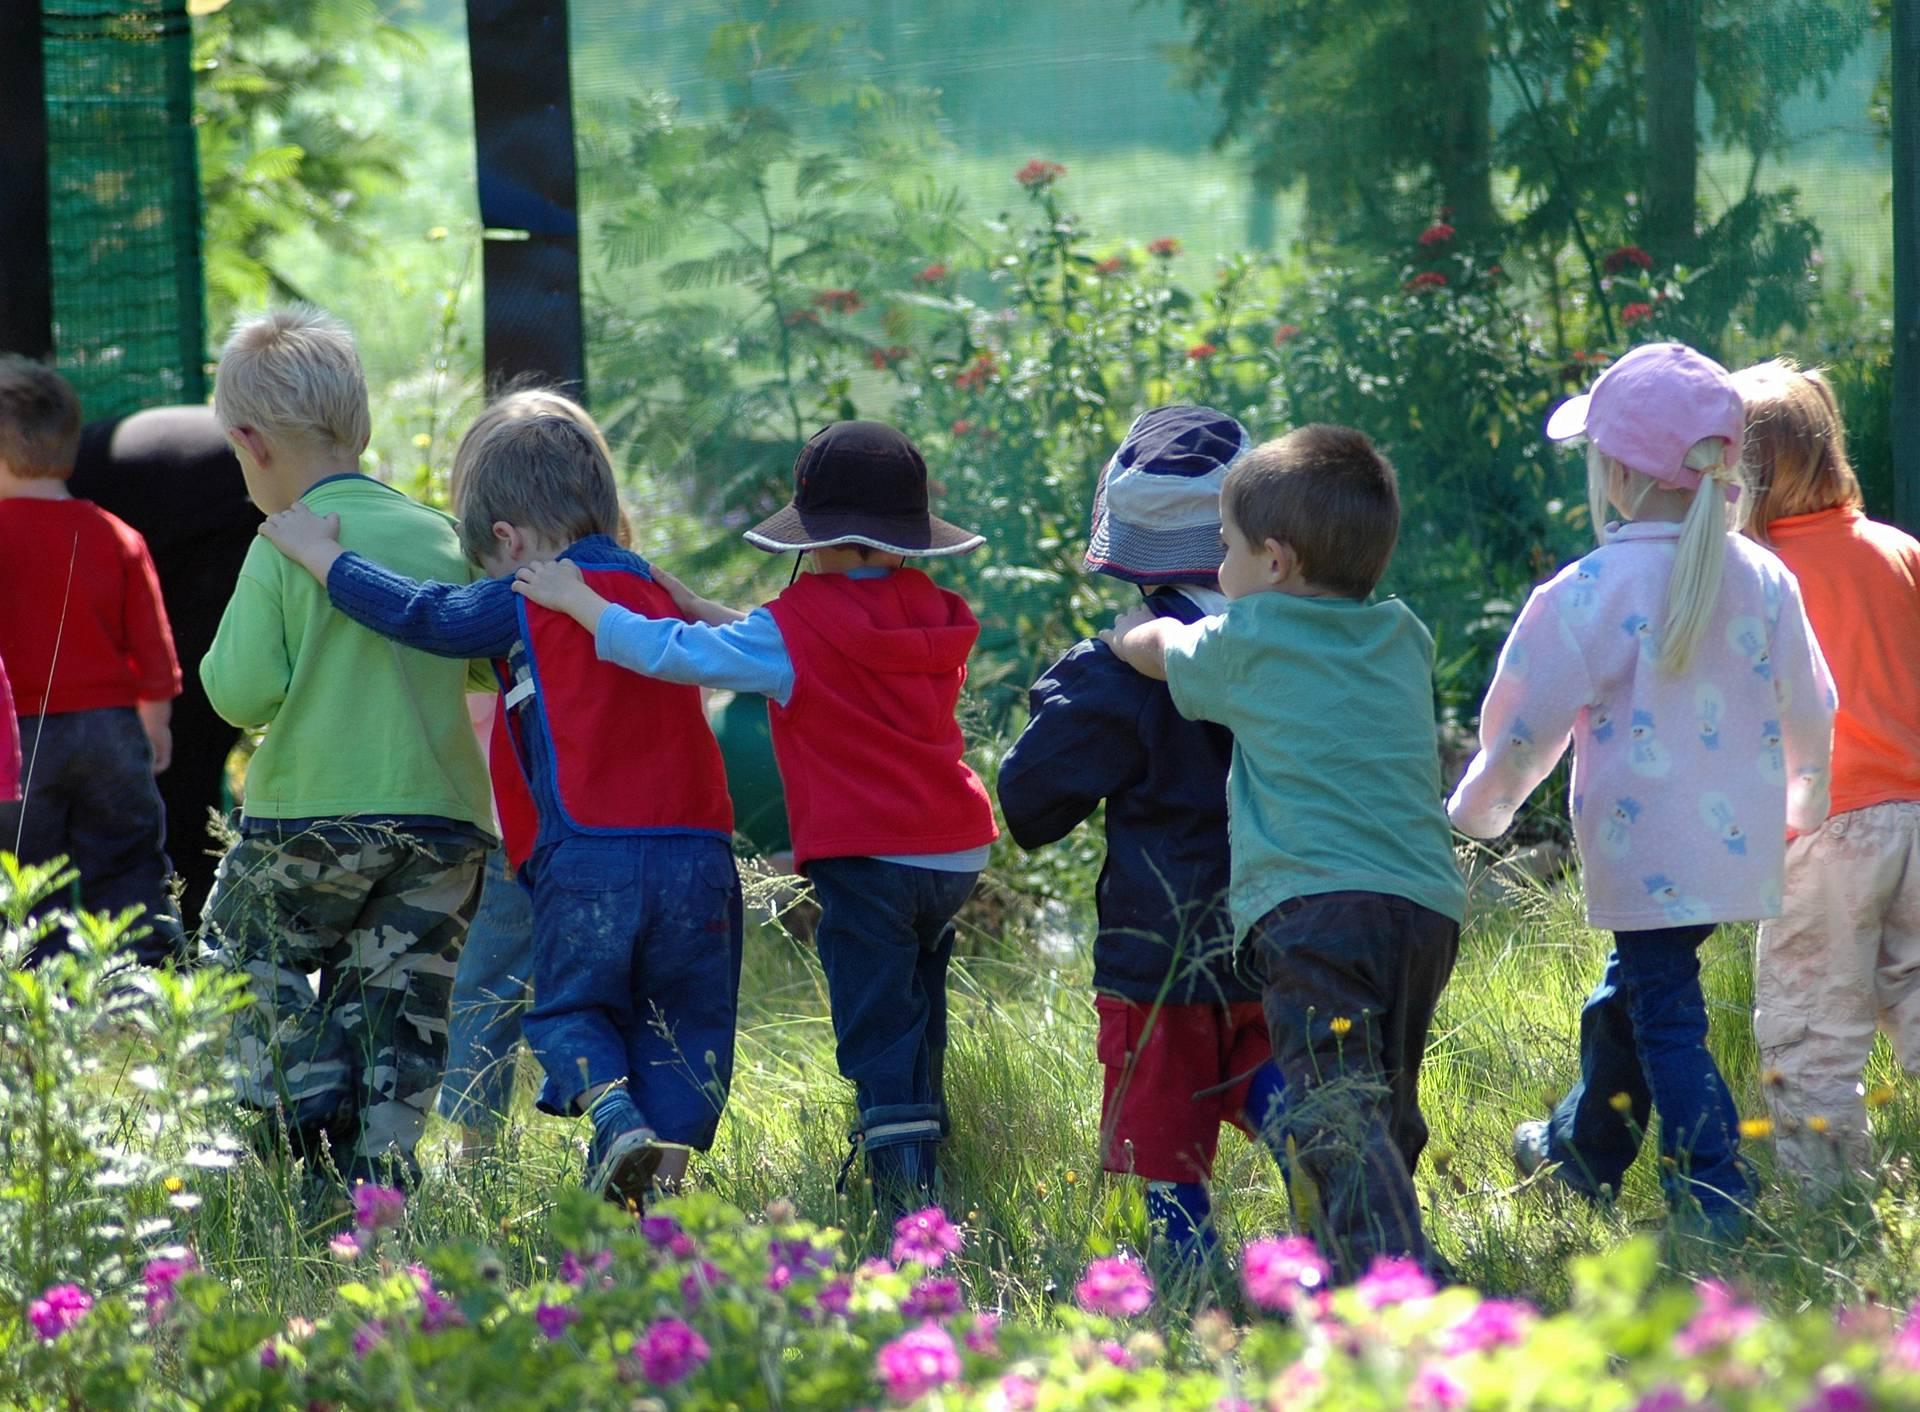 Nitko se ne brine dovoljno za djecu: Hrvatska je 28. na listi